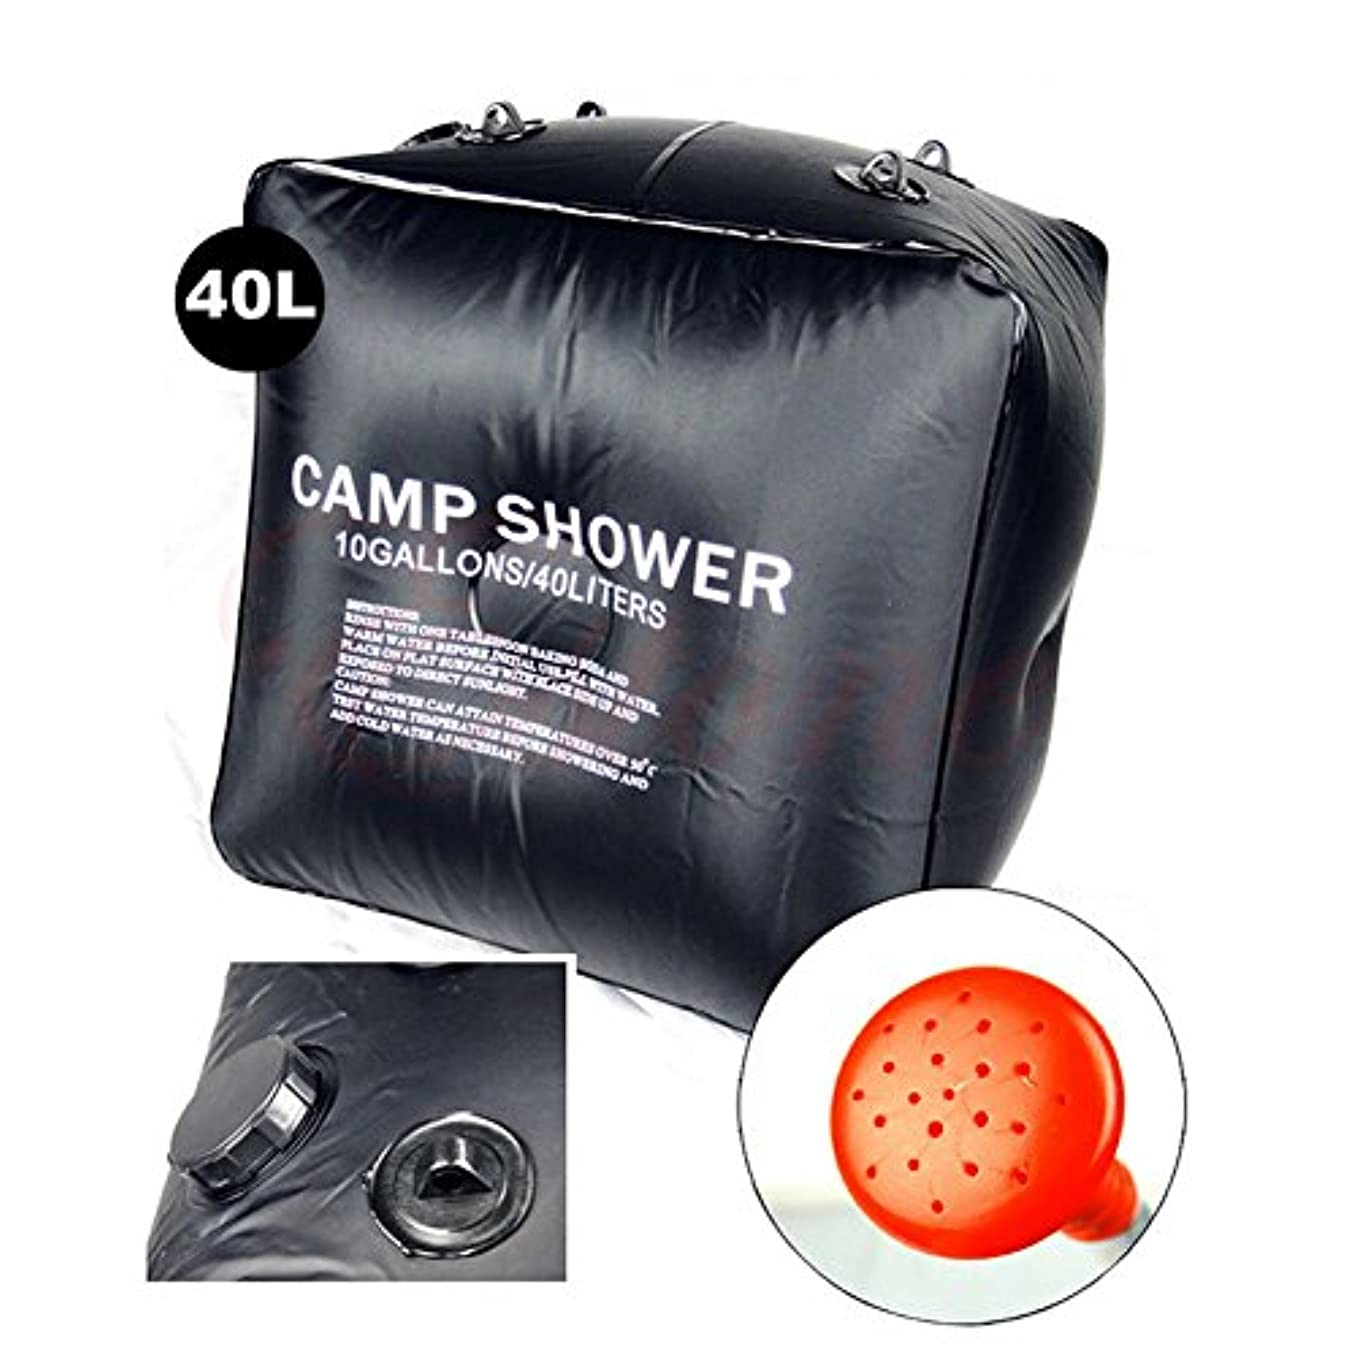 ホイール憤る最も遠い40L ポータブルソーラー温熱シャワー水浴バッグ アウトドア キャンプ ハイキング キャンプ